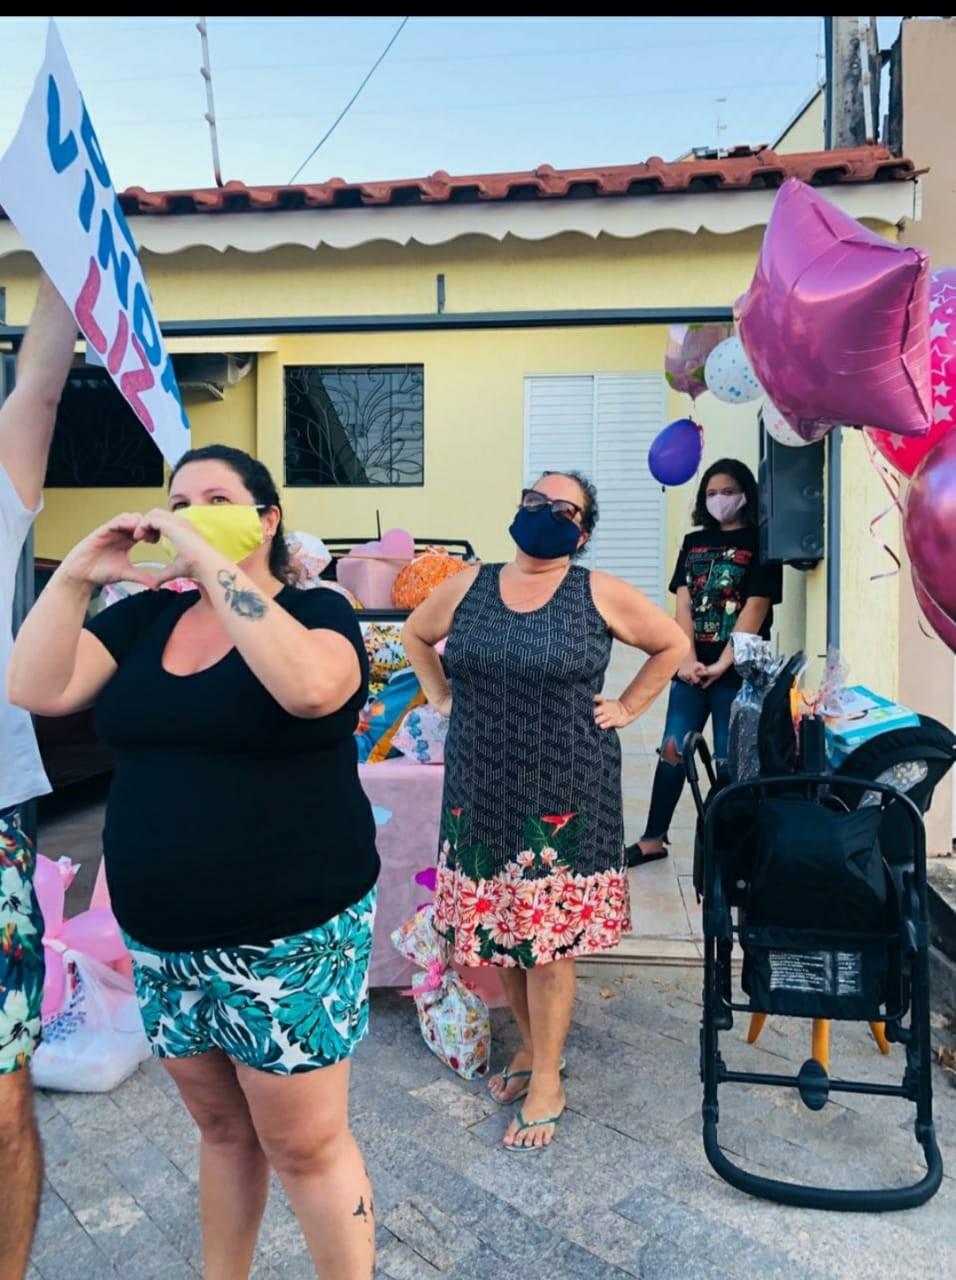 Celebração de chá de bebê reúne dezenas de pessoas em carreata no interior de SP; vídeo